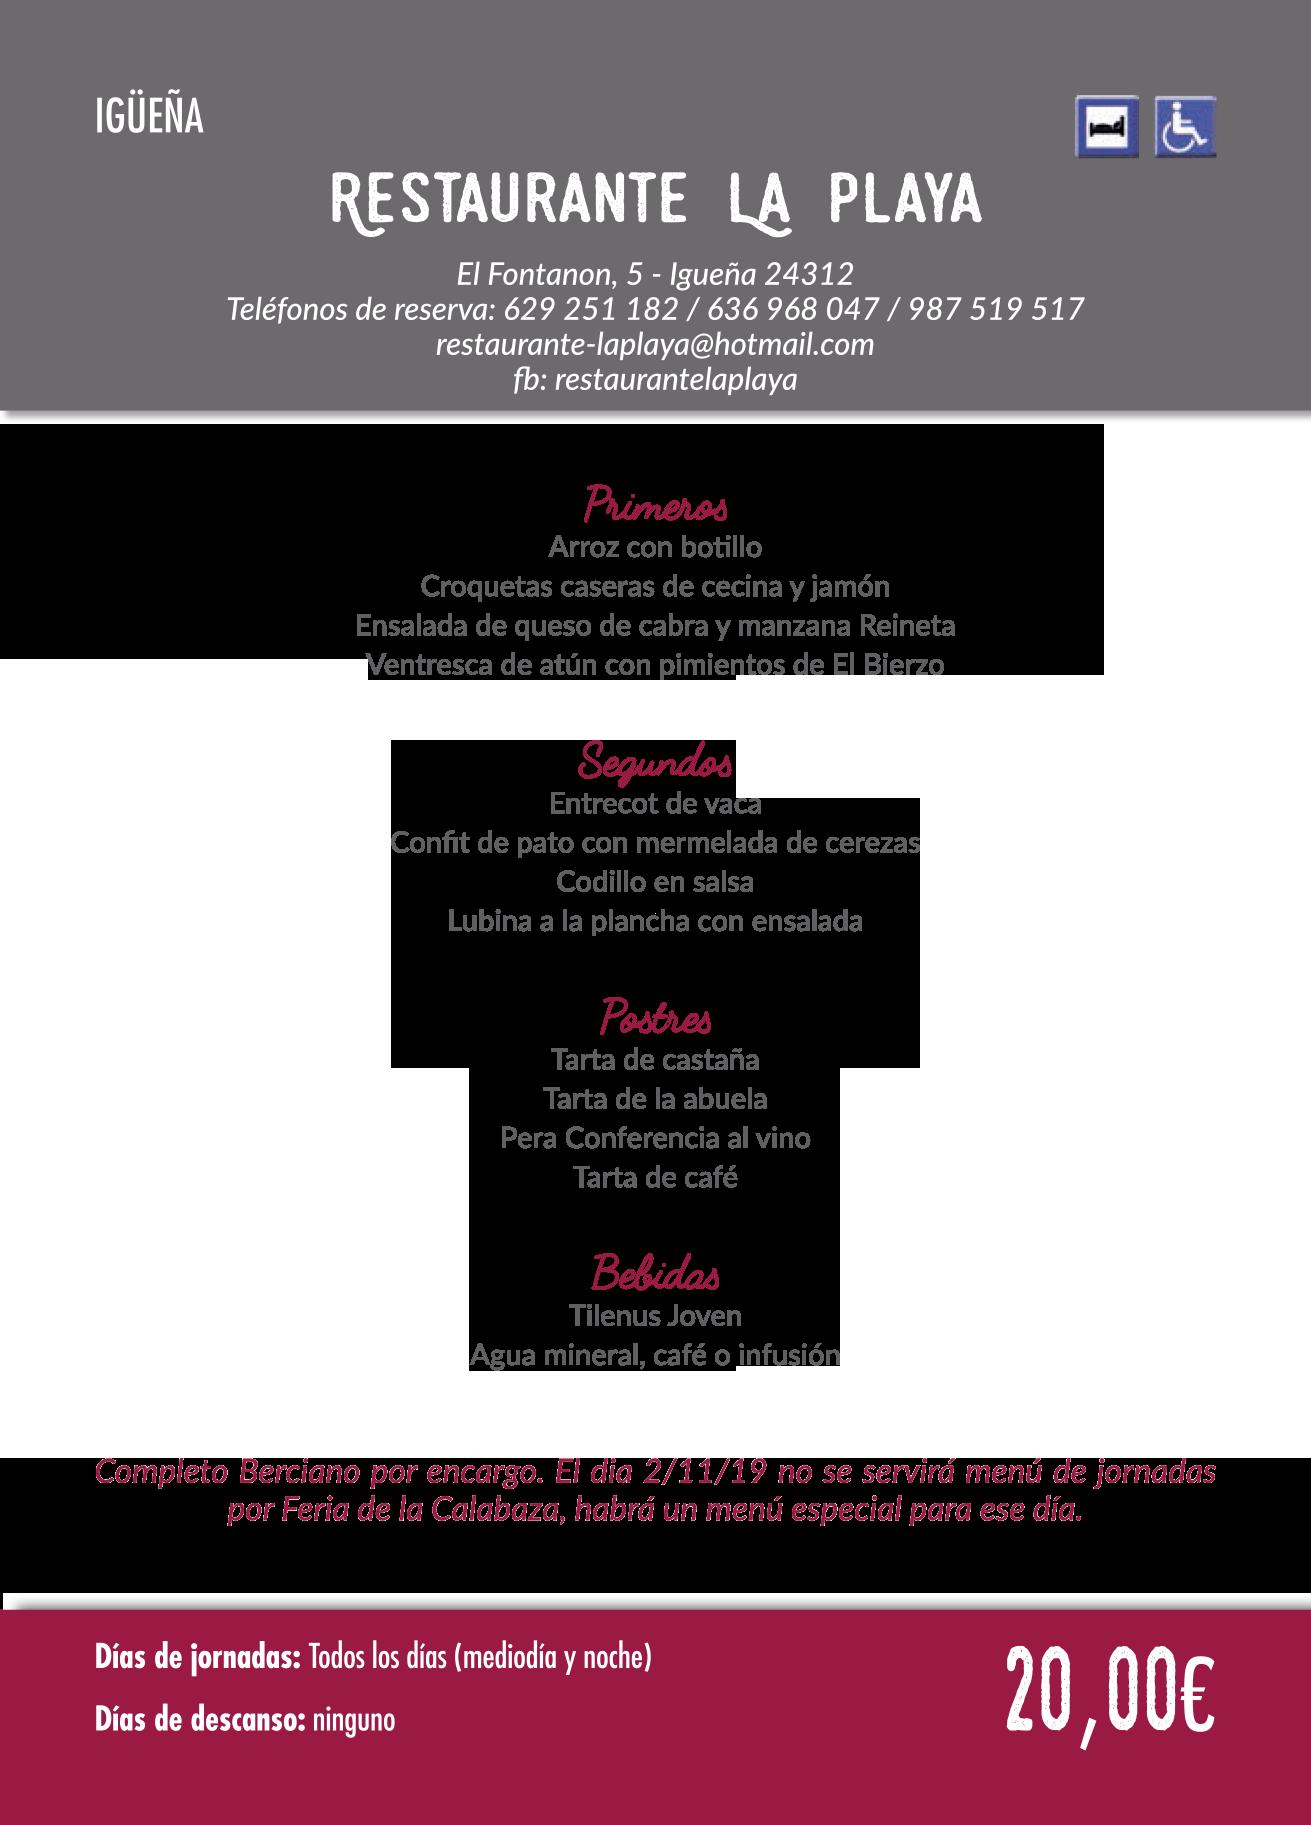 Las Jornadas Gastronómicas del Bierzo llegan a su 35 edición. Consulta los menús de esta edición 36